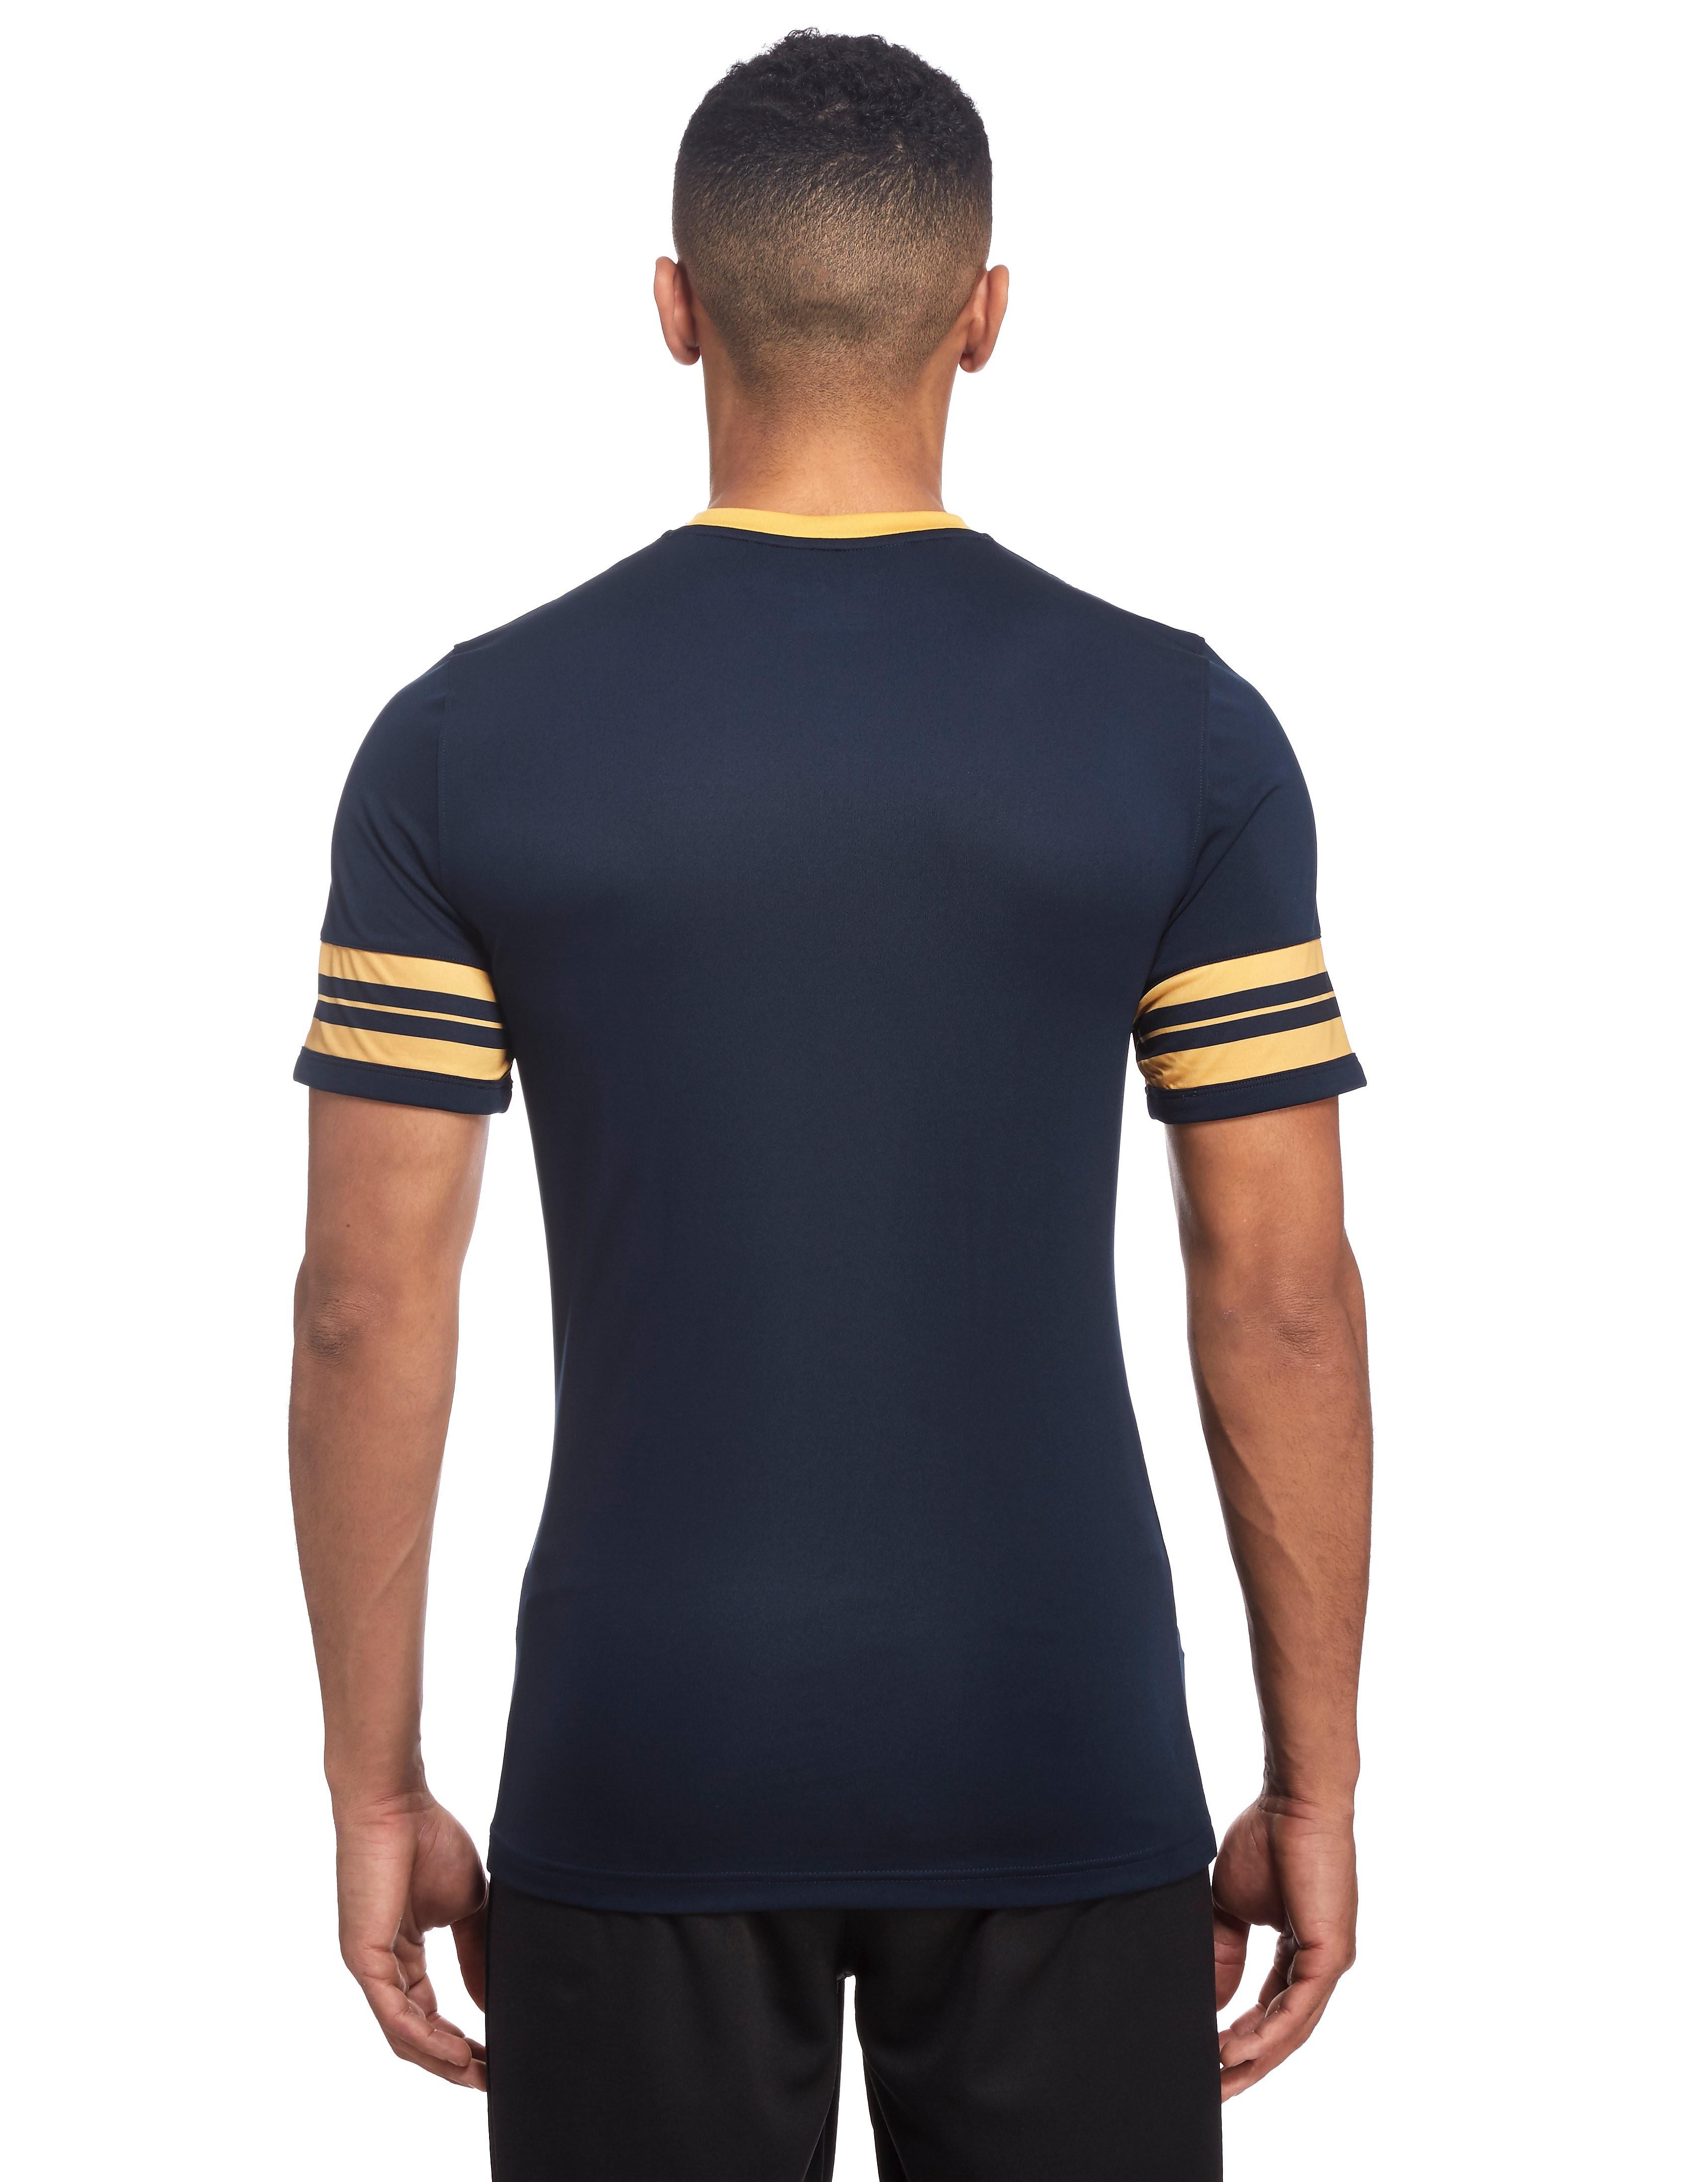 Under Armour Tottenham Hotspur FC 2016/17 Away Shirt